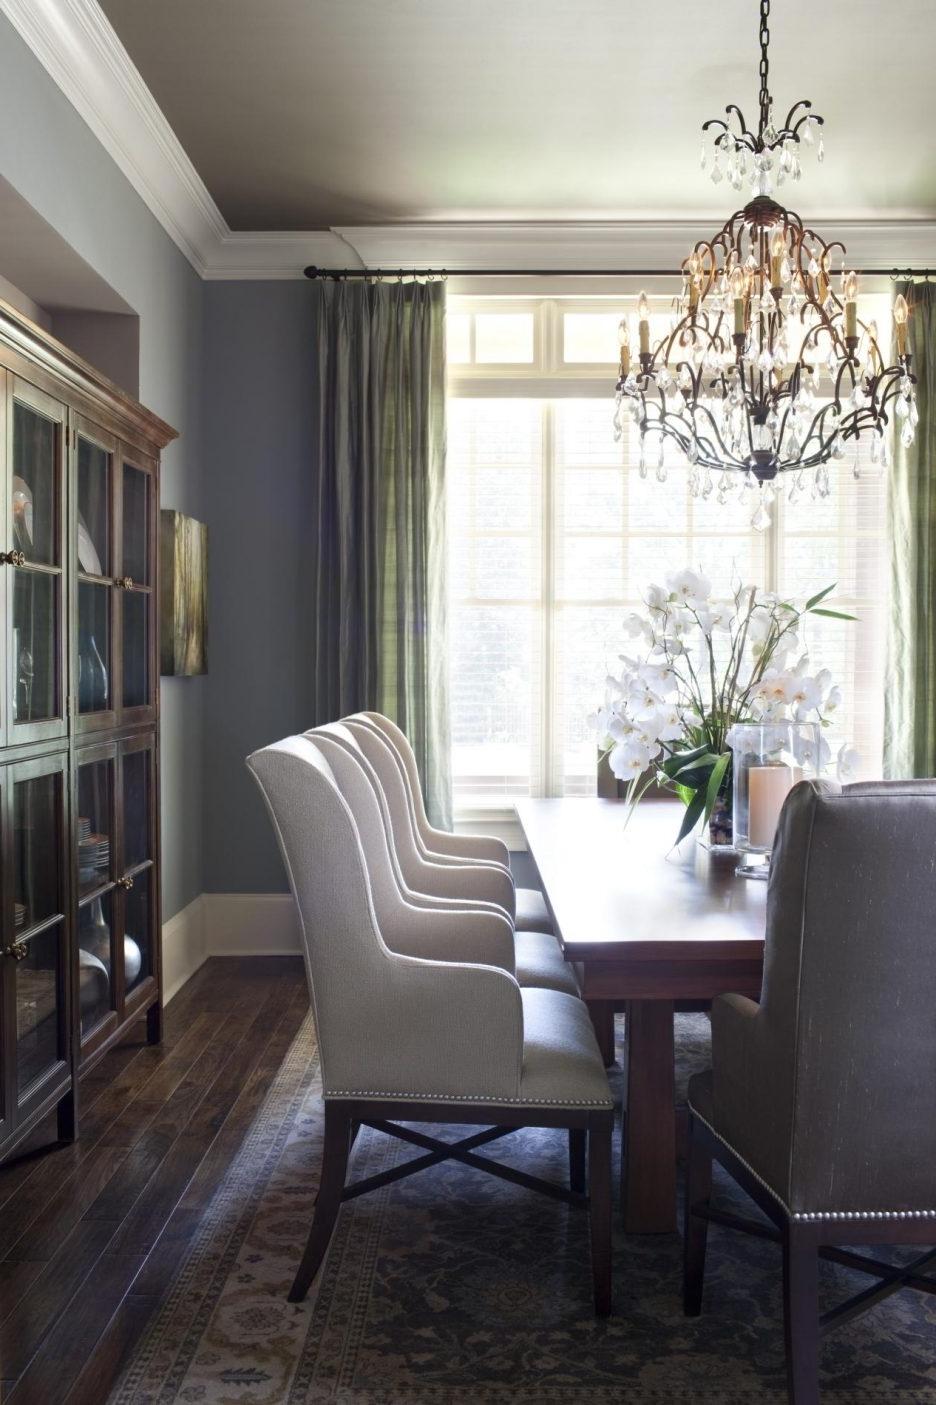 Trendy Light : Chandelier Lights For Living Room Chandeliers Rustic Pertaining To Chandelier Lights For Living Room (View 14 of 15)